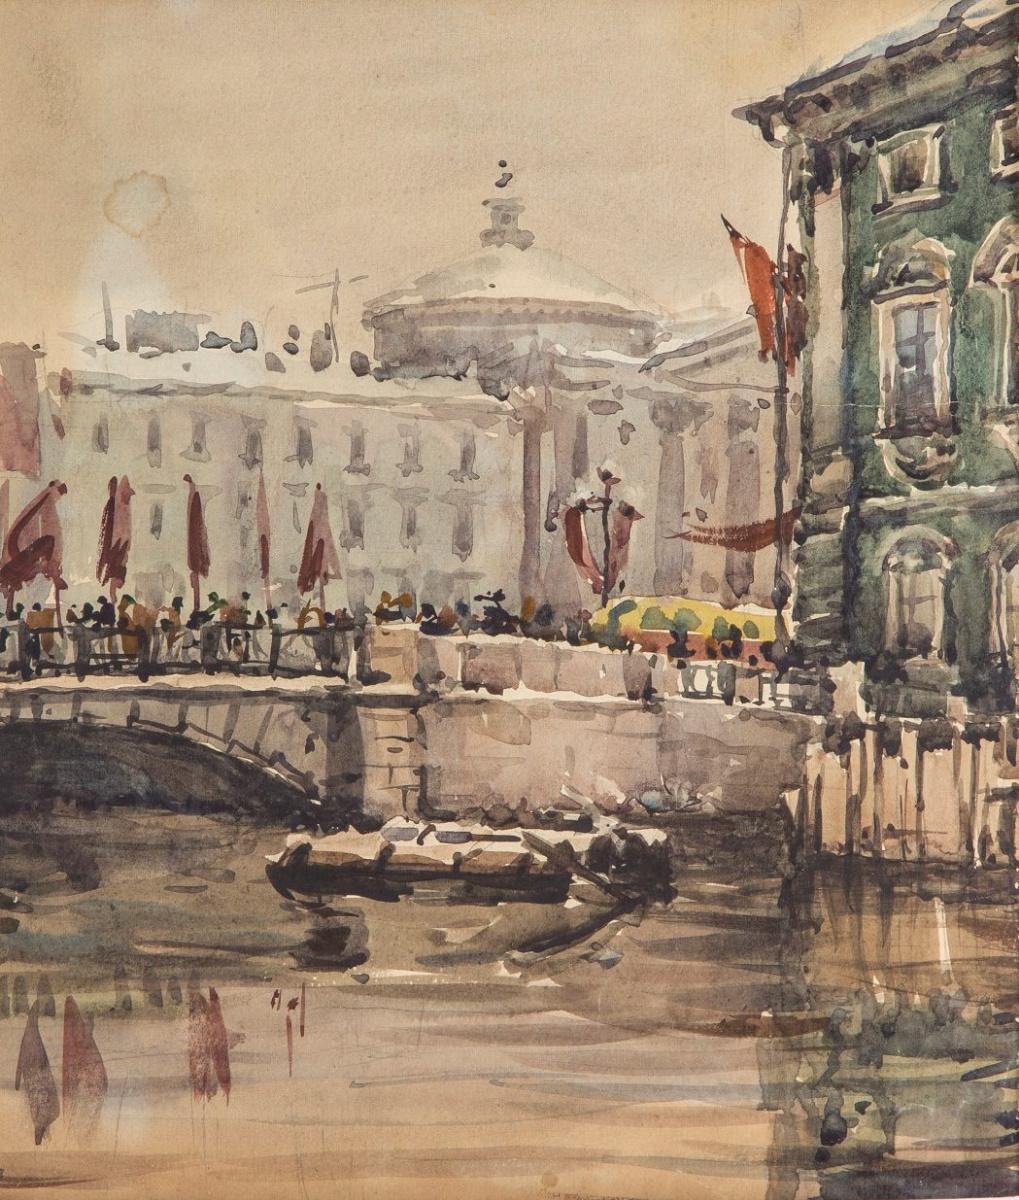 Анна Петровна Остроумова-Лебедева. Демонстрация. 1940-е.